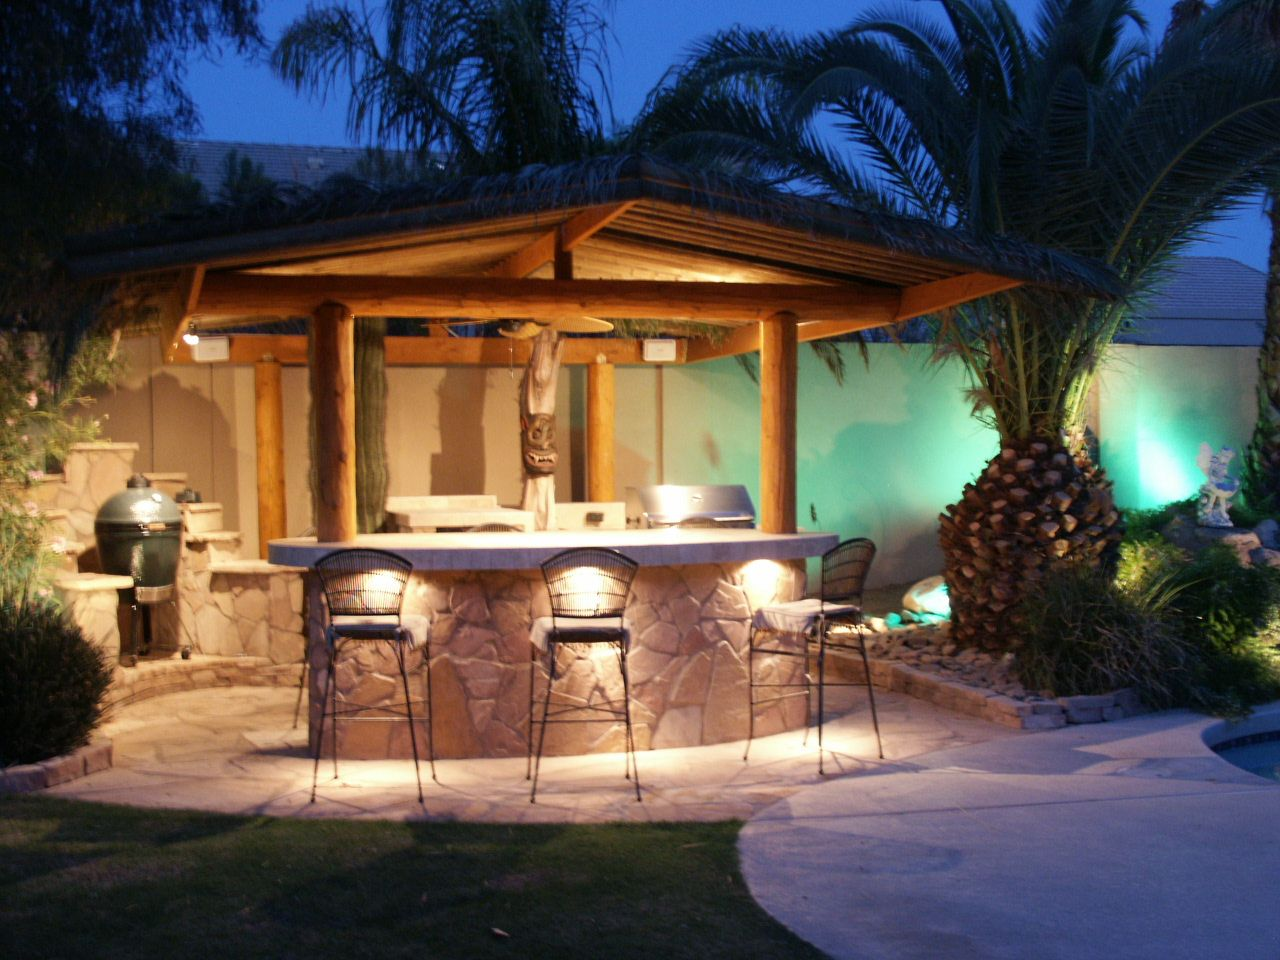 outdoor decor backyard bar backyard ideas outdoor ideas outdoor bars